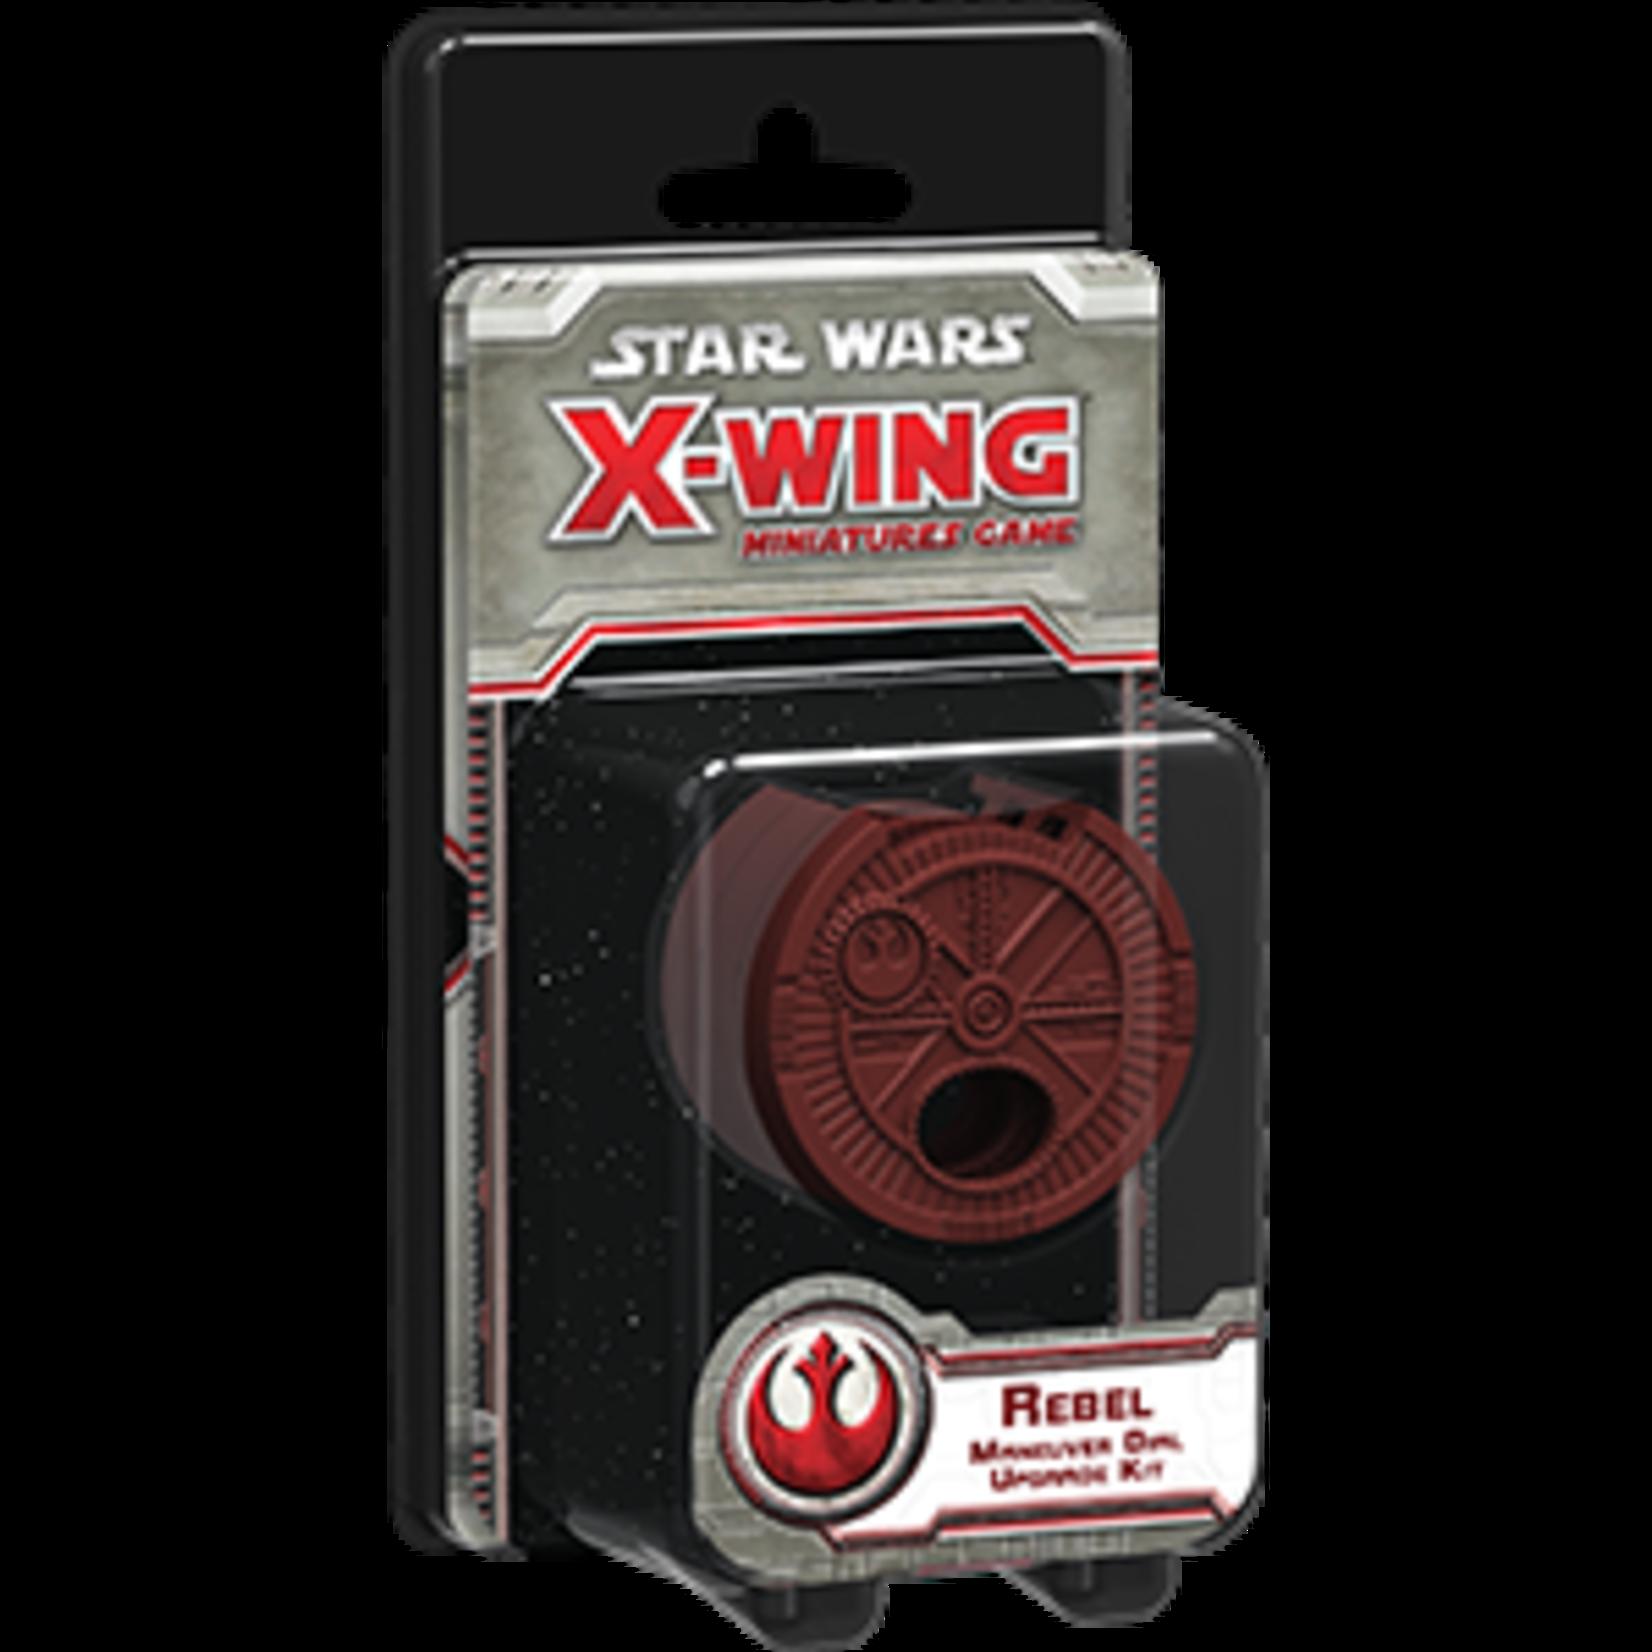 Star Wars X-Wing Miniatures Game Rebel Maneuver Dial